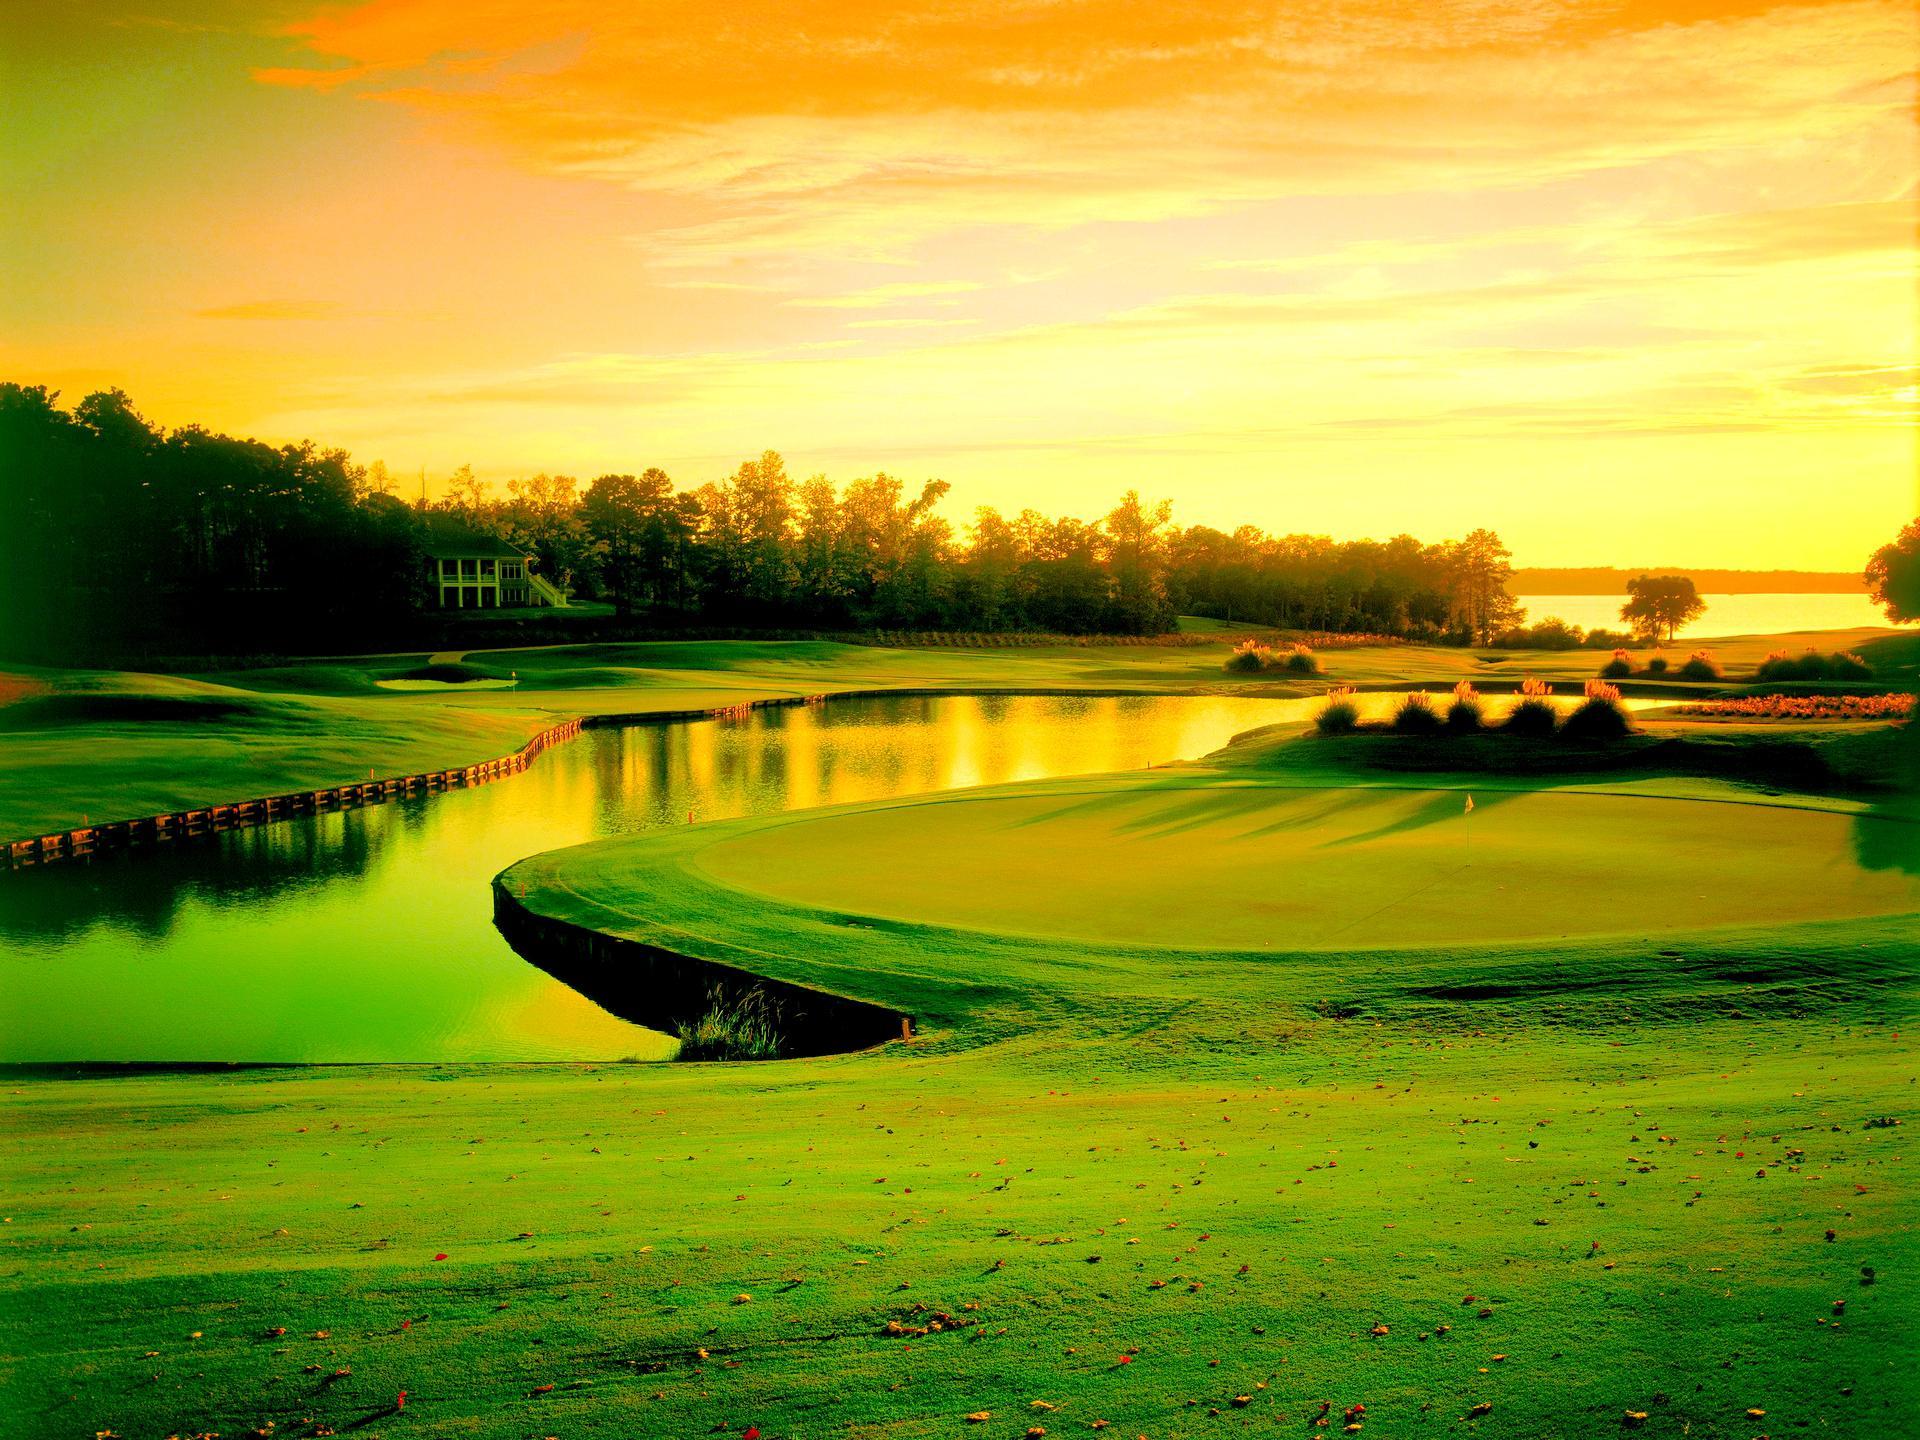 Beautiful Golf Course Hd Desktop Wallpaper High Definition 1920x1440